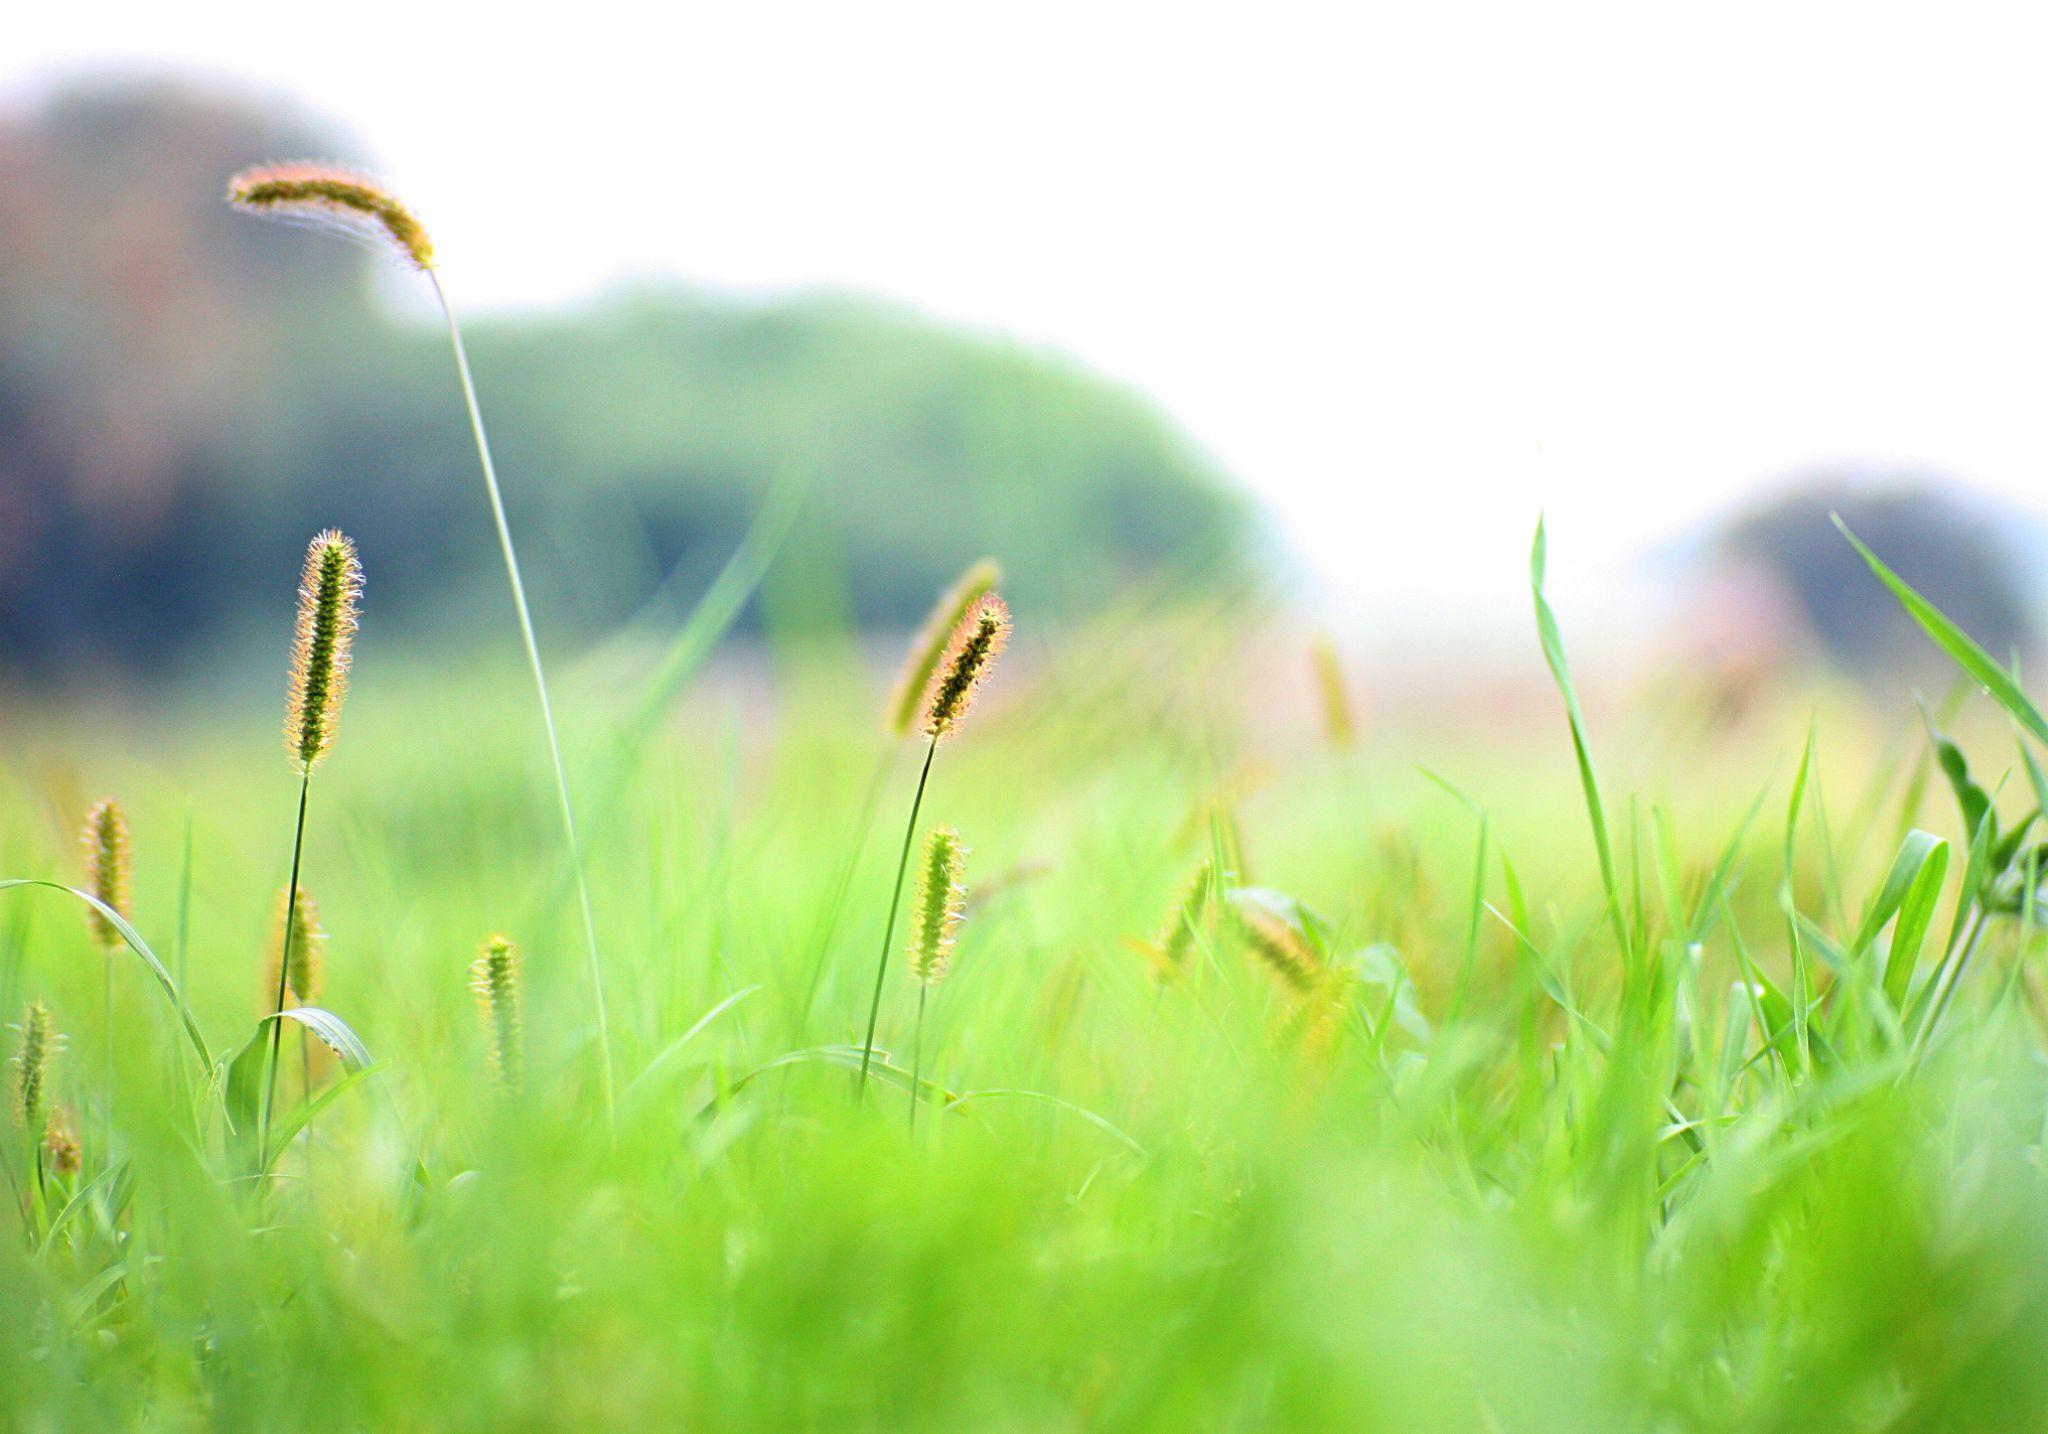 grass by Sevoir